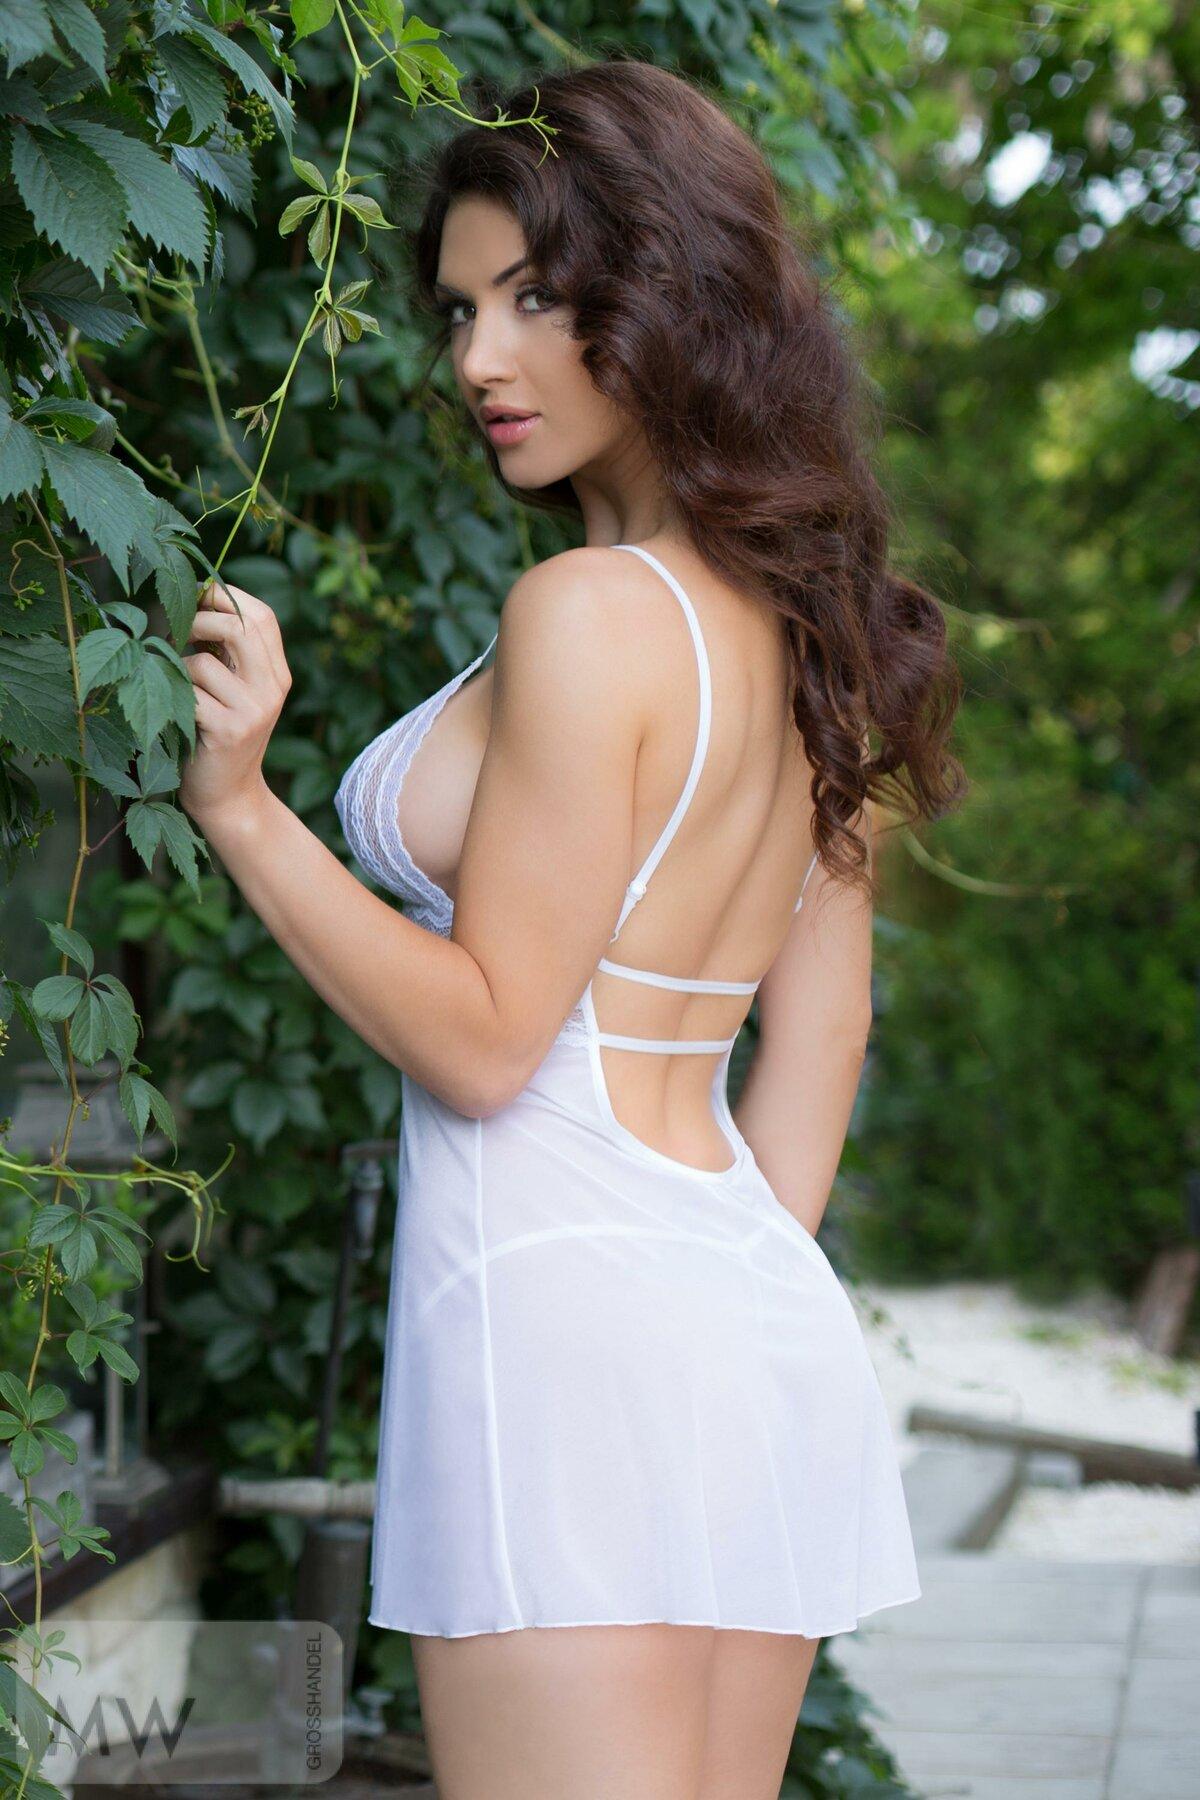 Шикарная девушка в белом прозрачном #12